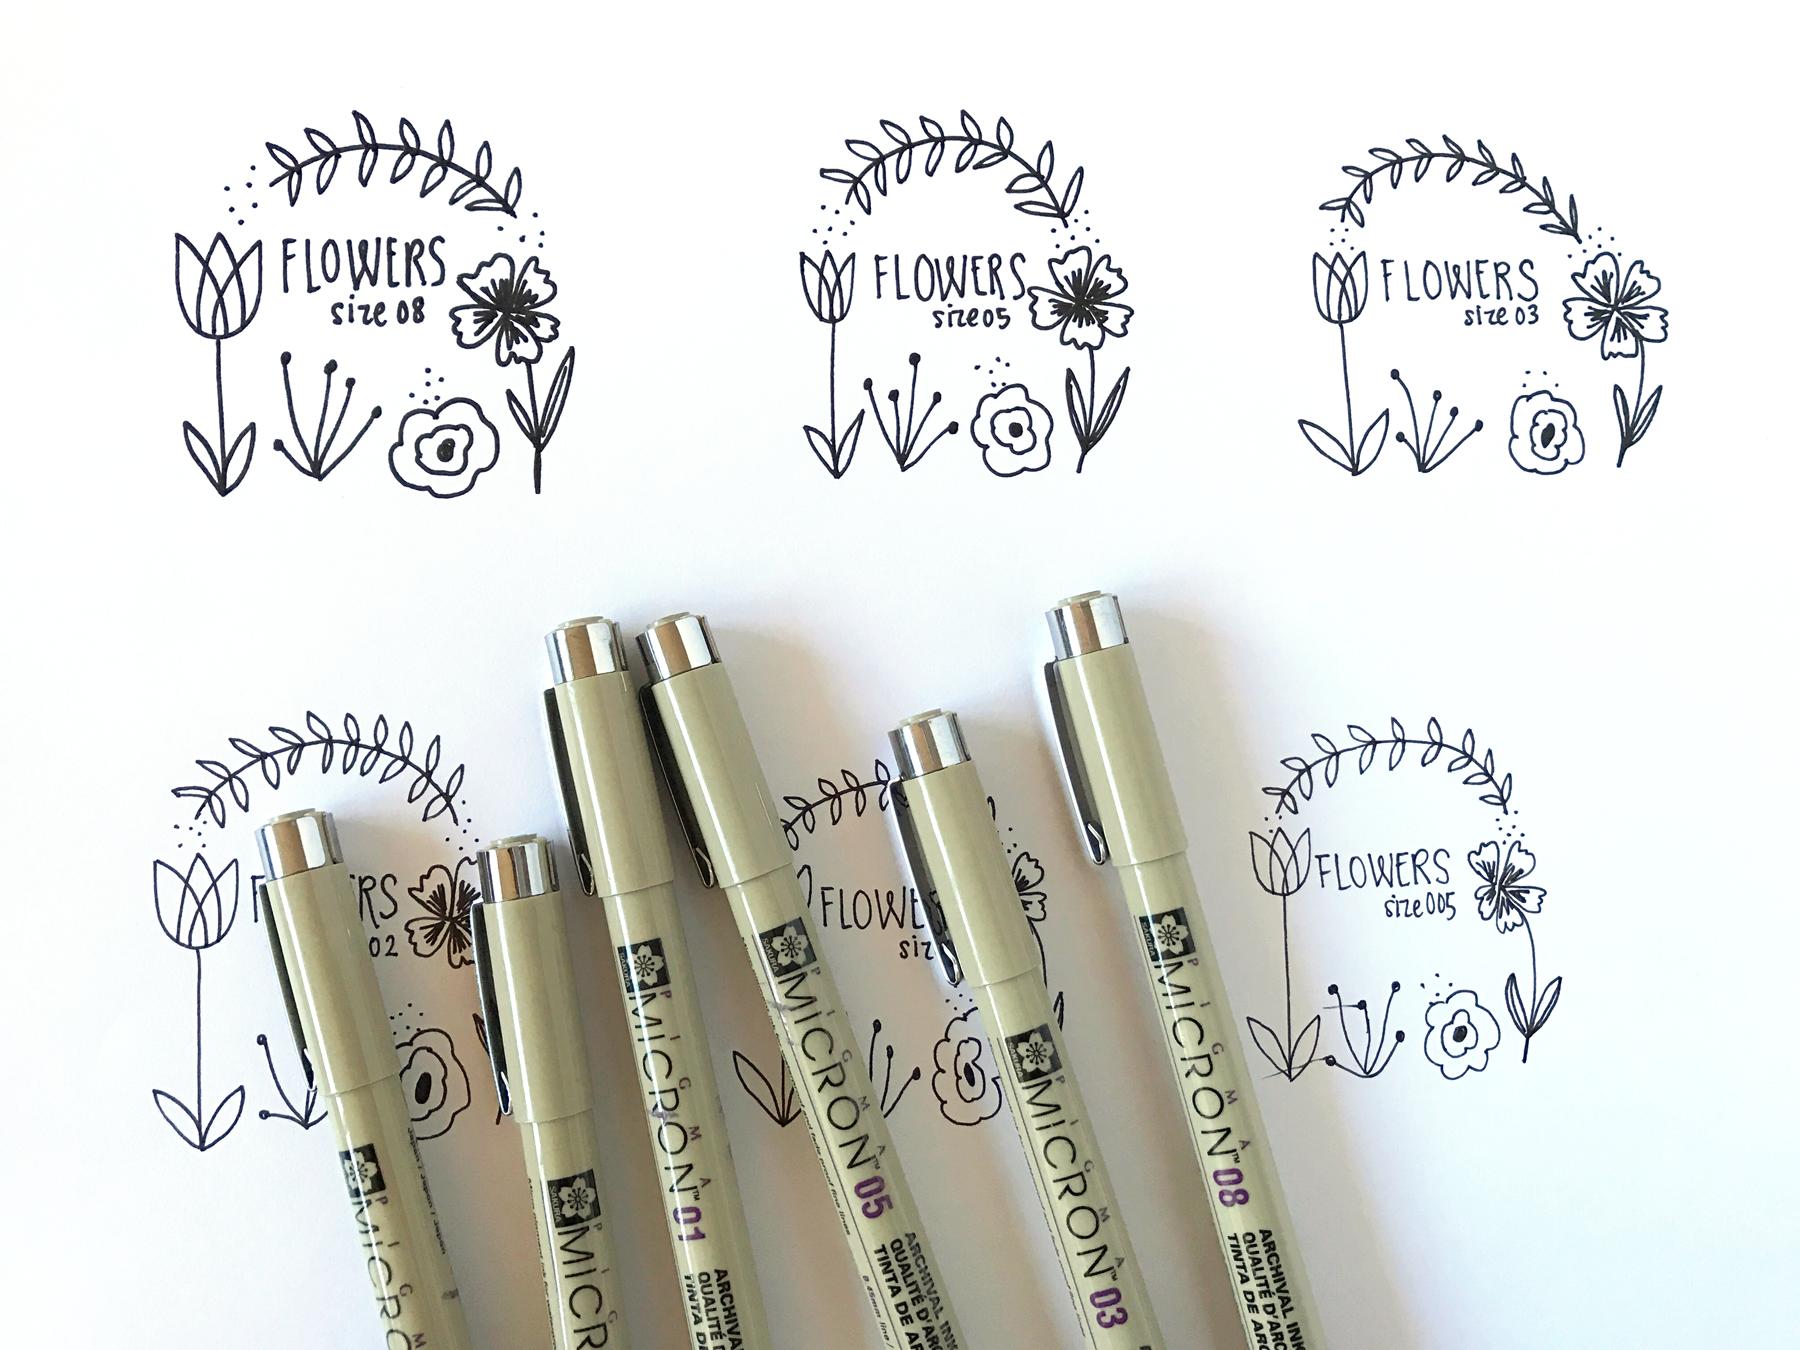 Micron Pen Comparison | Delighted Creative Co.